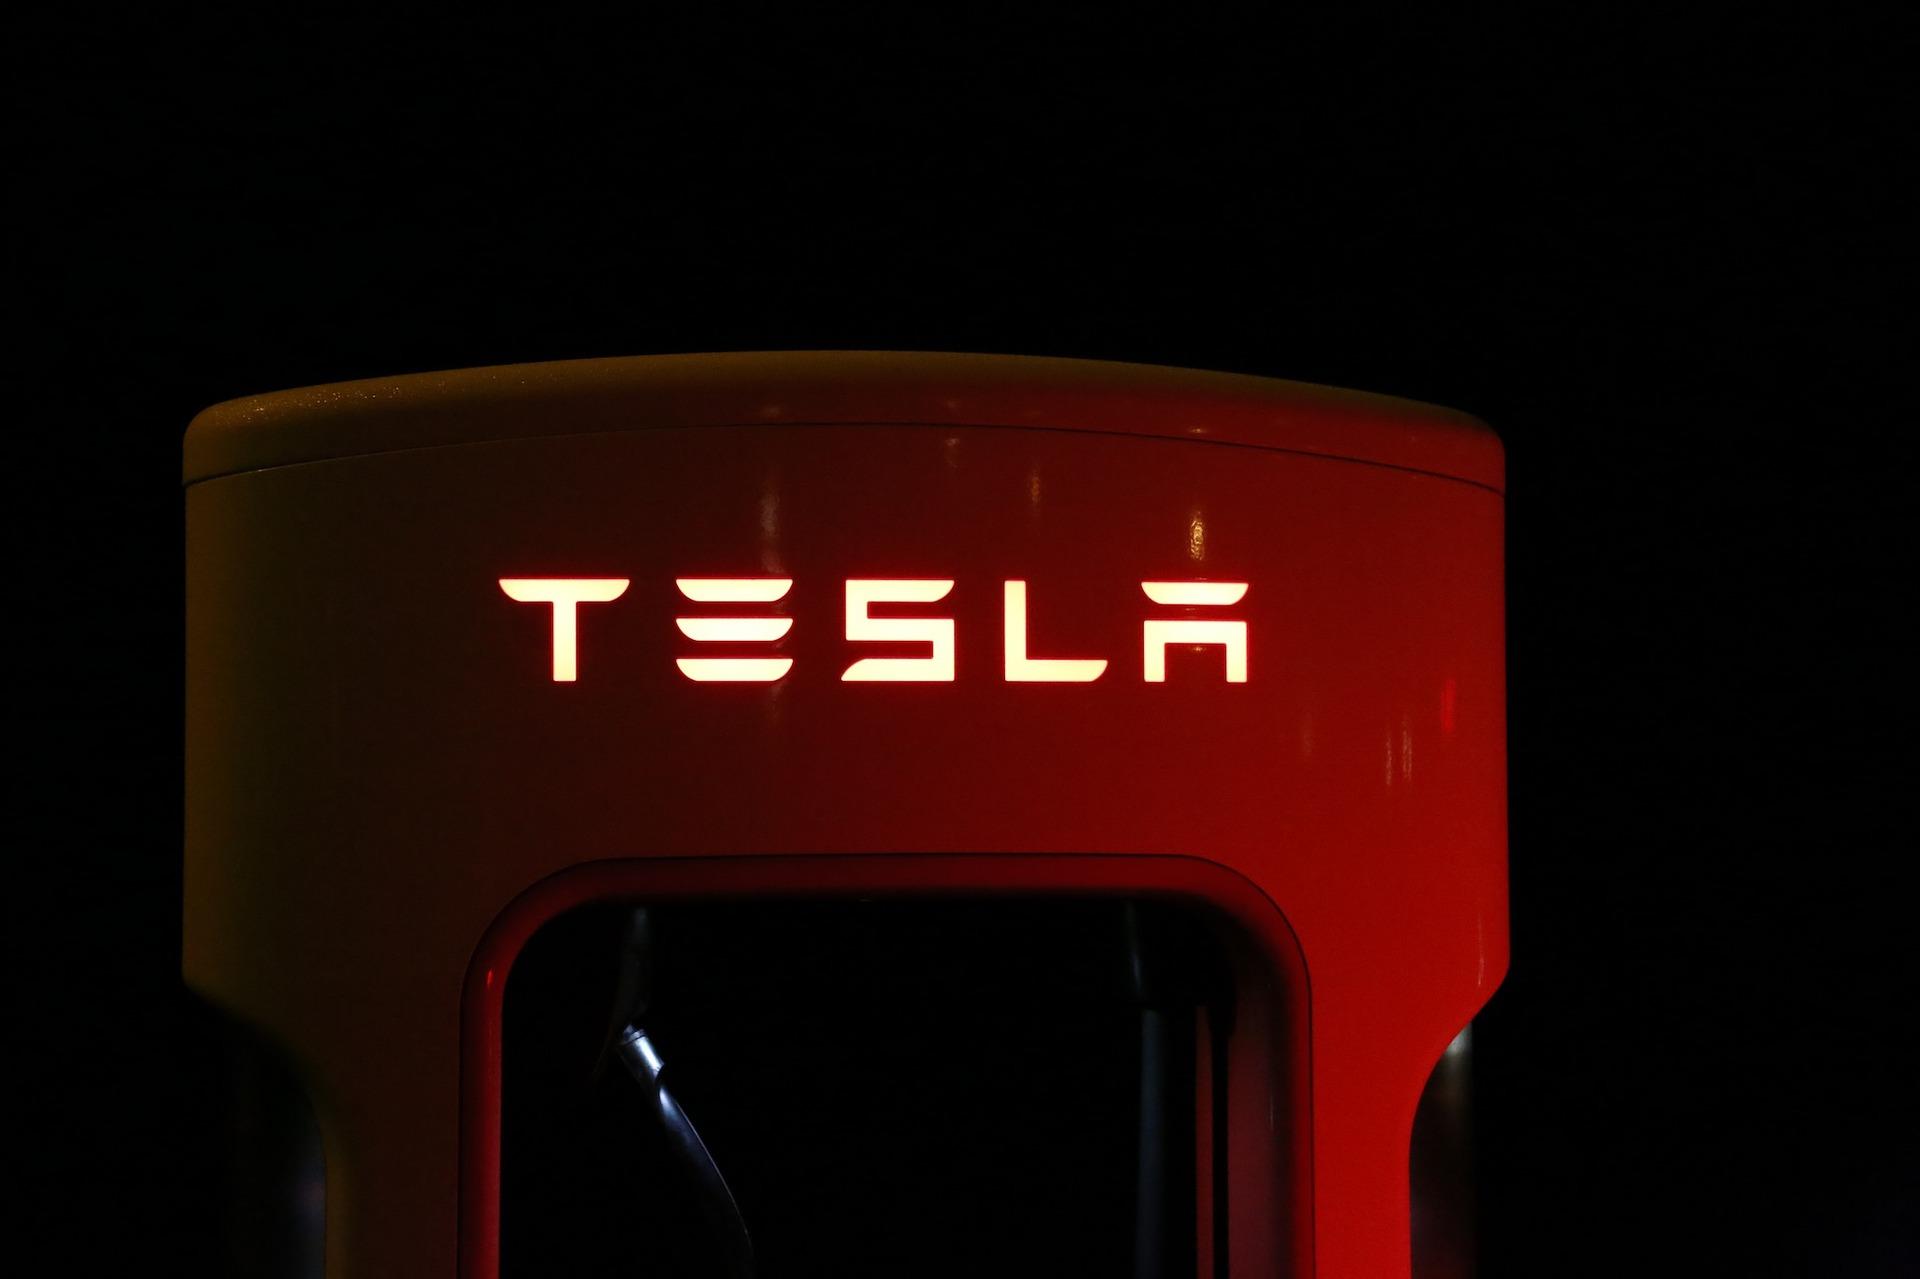 Obrázek: Technologický zázrak ekonomickou katastrofou: Tesla milovaná, Tesla nenáviděná